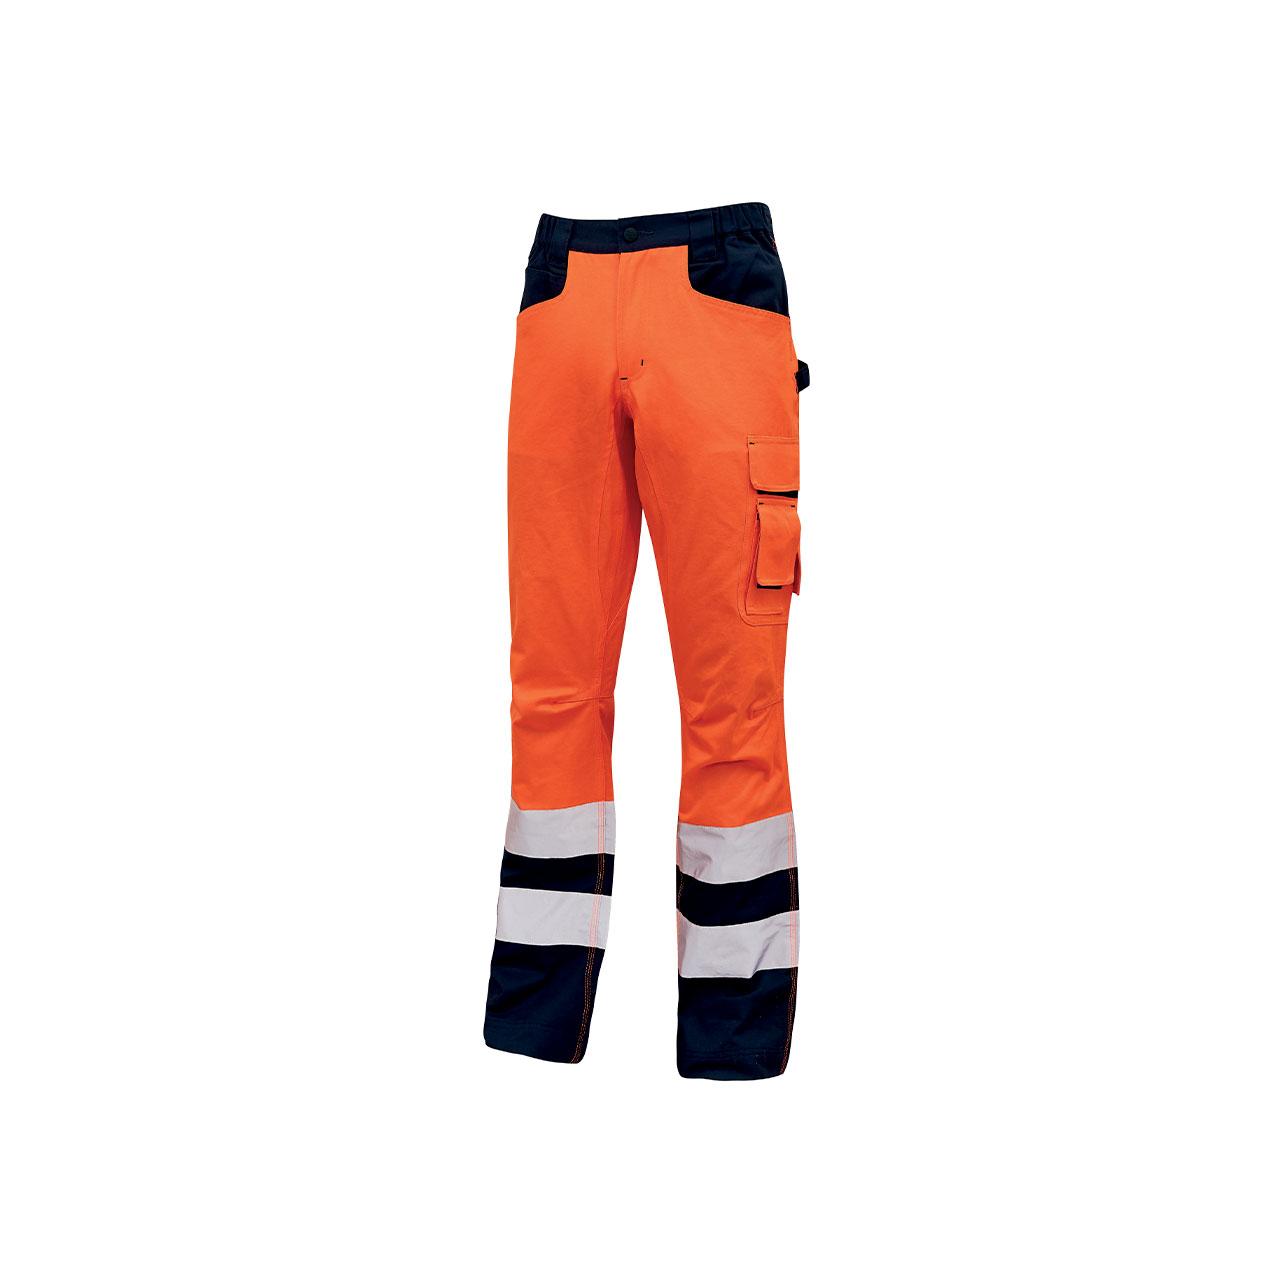 pantalone da lavoro upower modello radiant colore orang